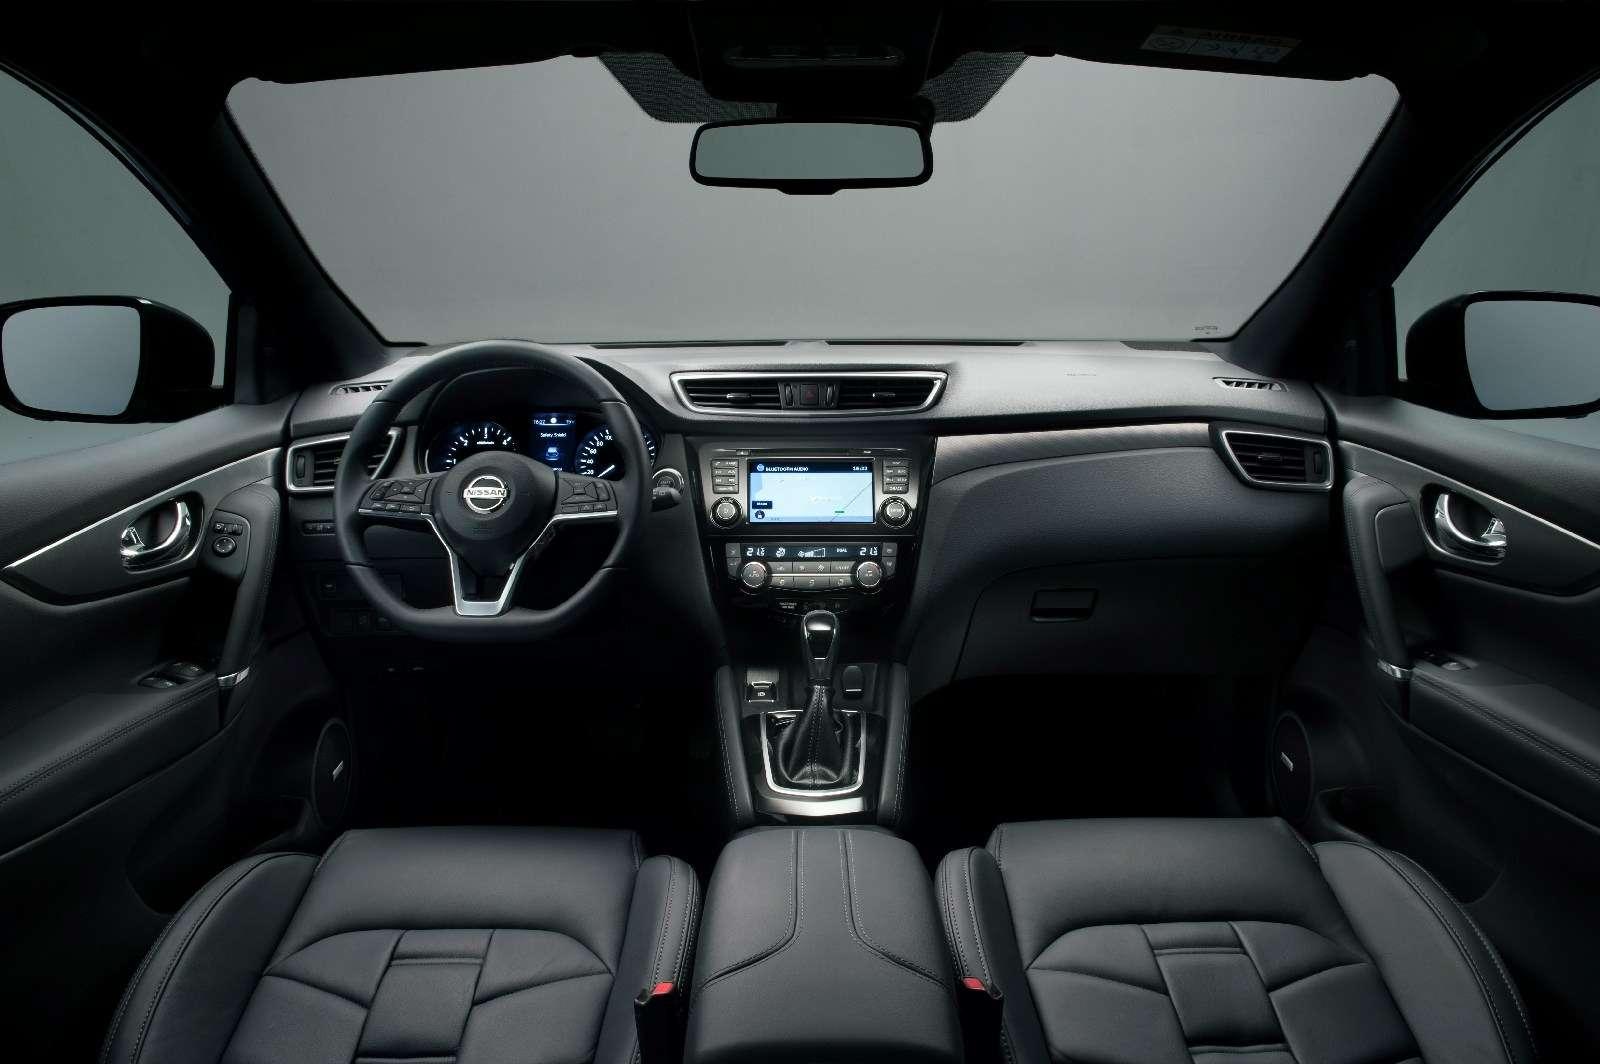 Обновленный Nissan Qashqai: европейский бестселлер самериканским лицом— фото 717717